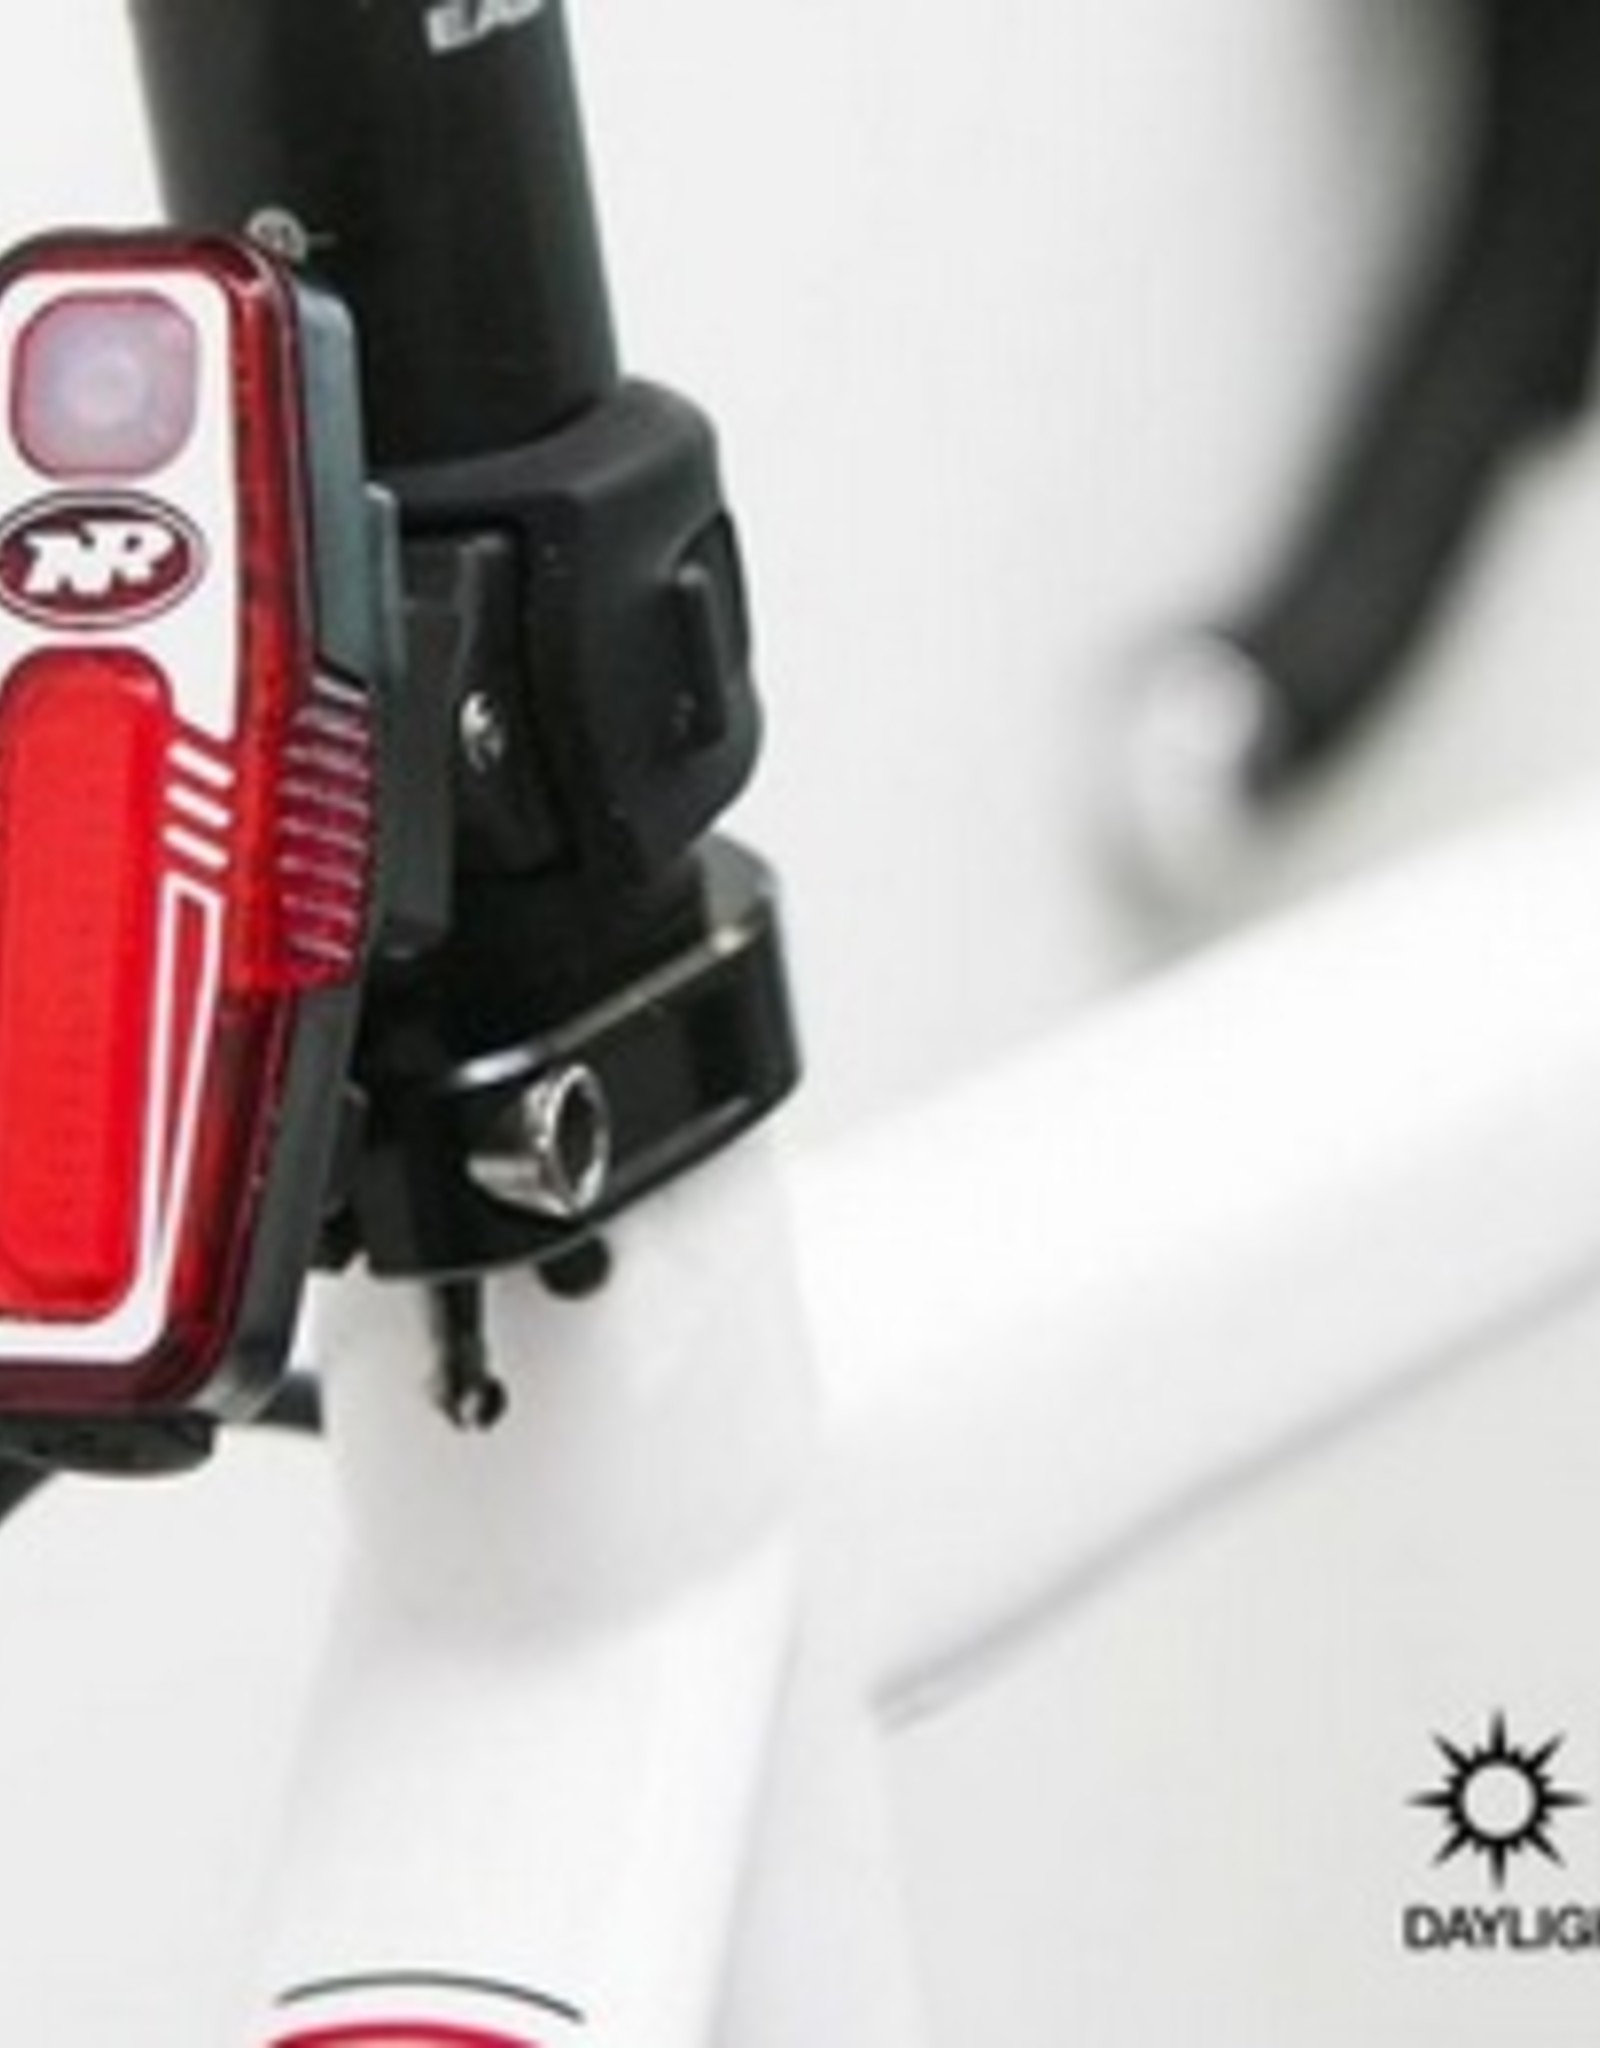 Light - Rear - Niterider Sabre 80